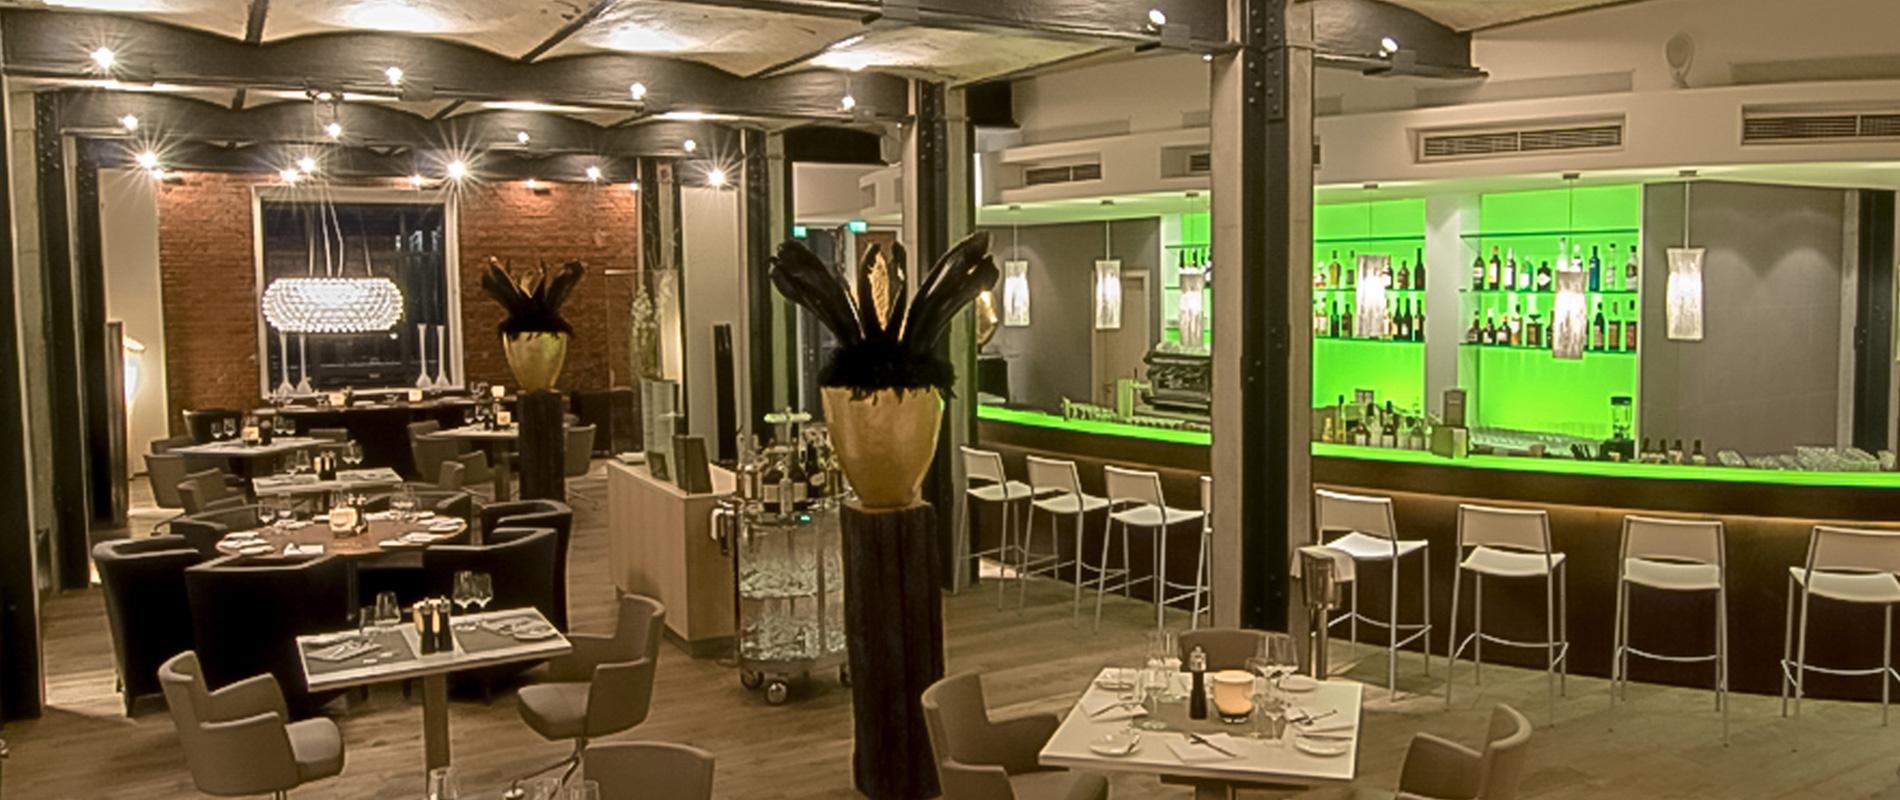 Restaurant Hamburg Einrichtung Gesamteinrichtung Rosink Nordhorn